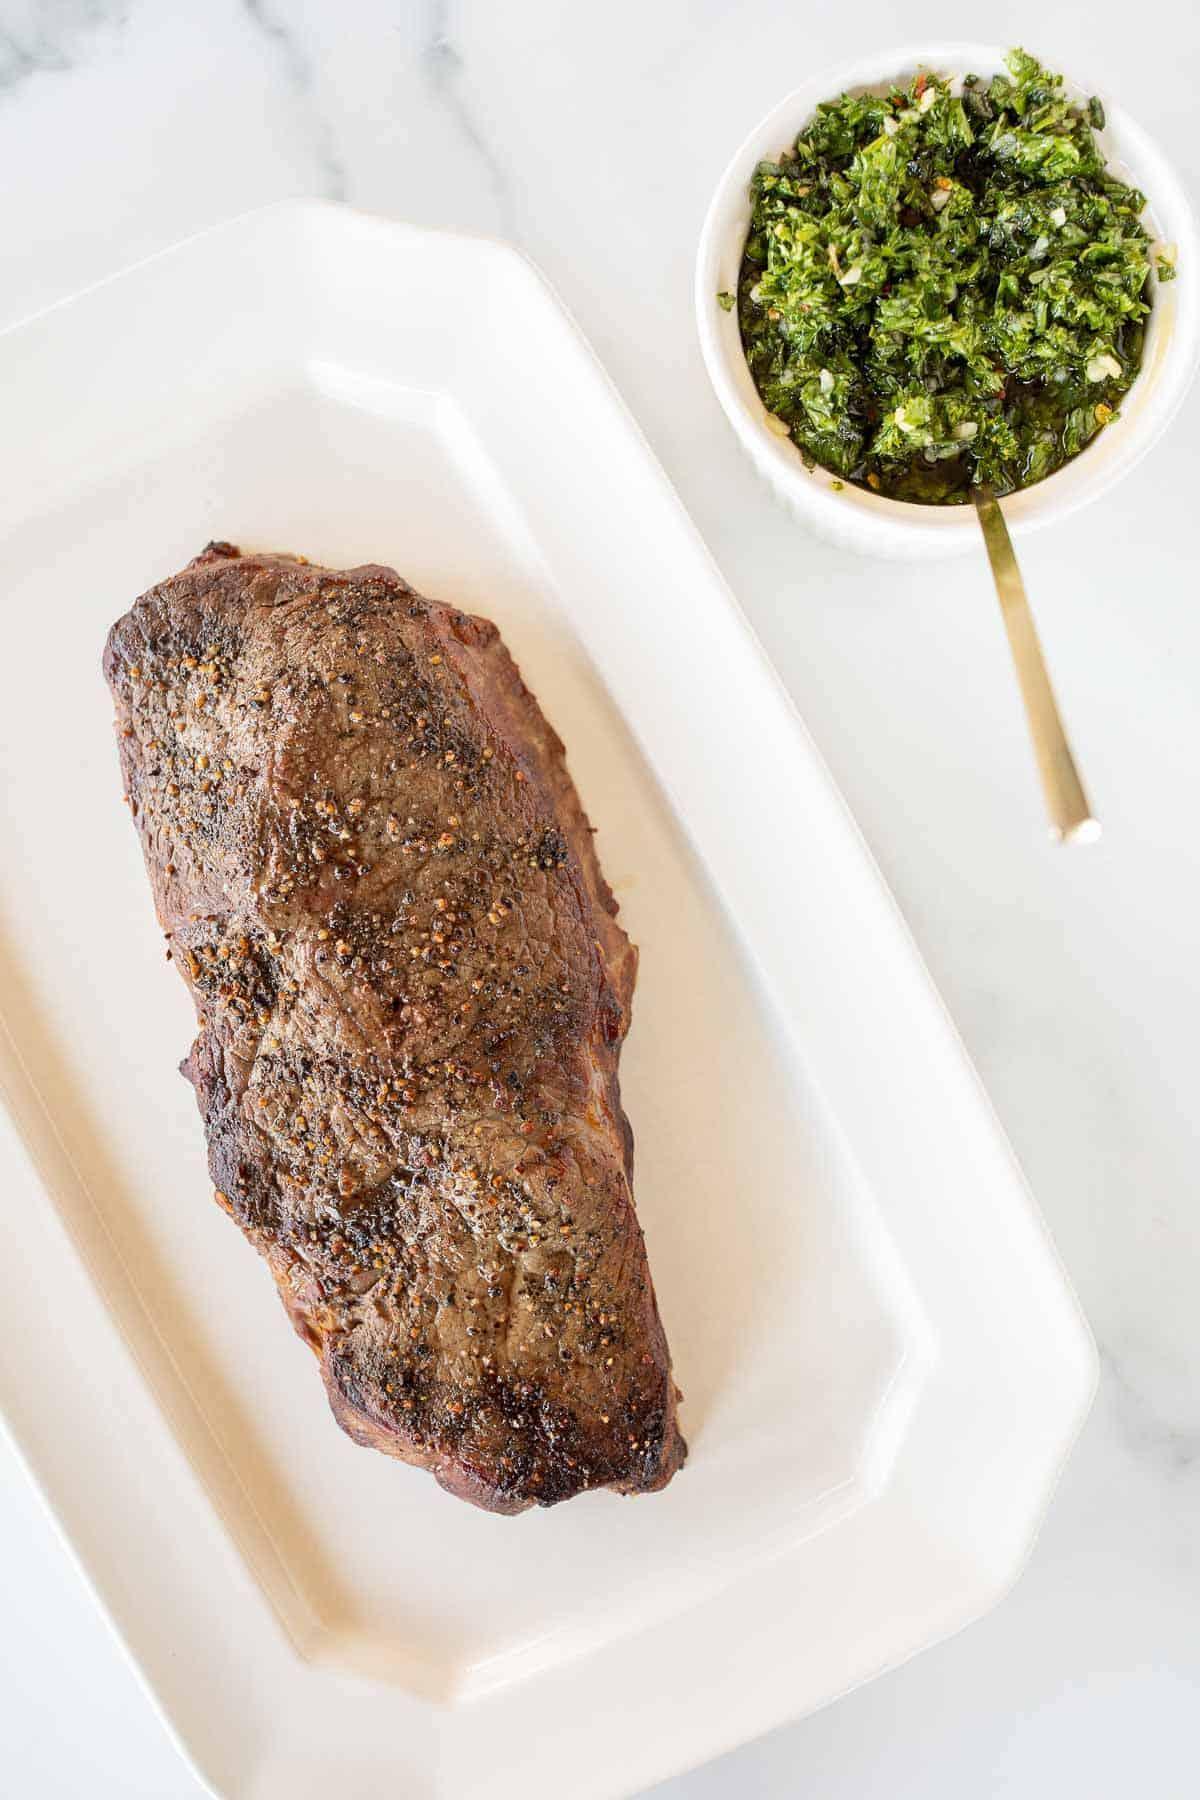 Um bife em uma travessa branca, tigela de molho chimichurri ao lado com uma colher de ouro.